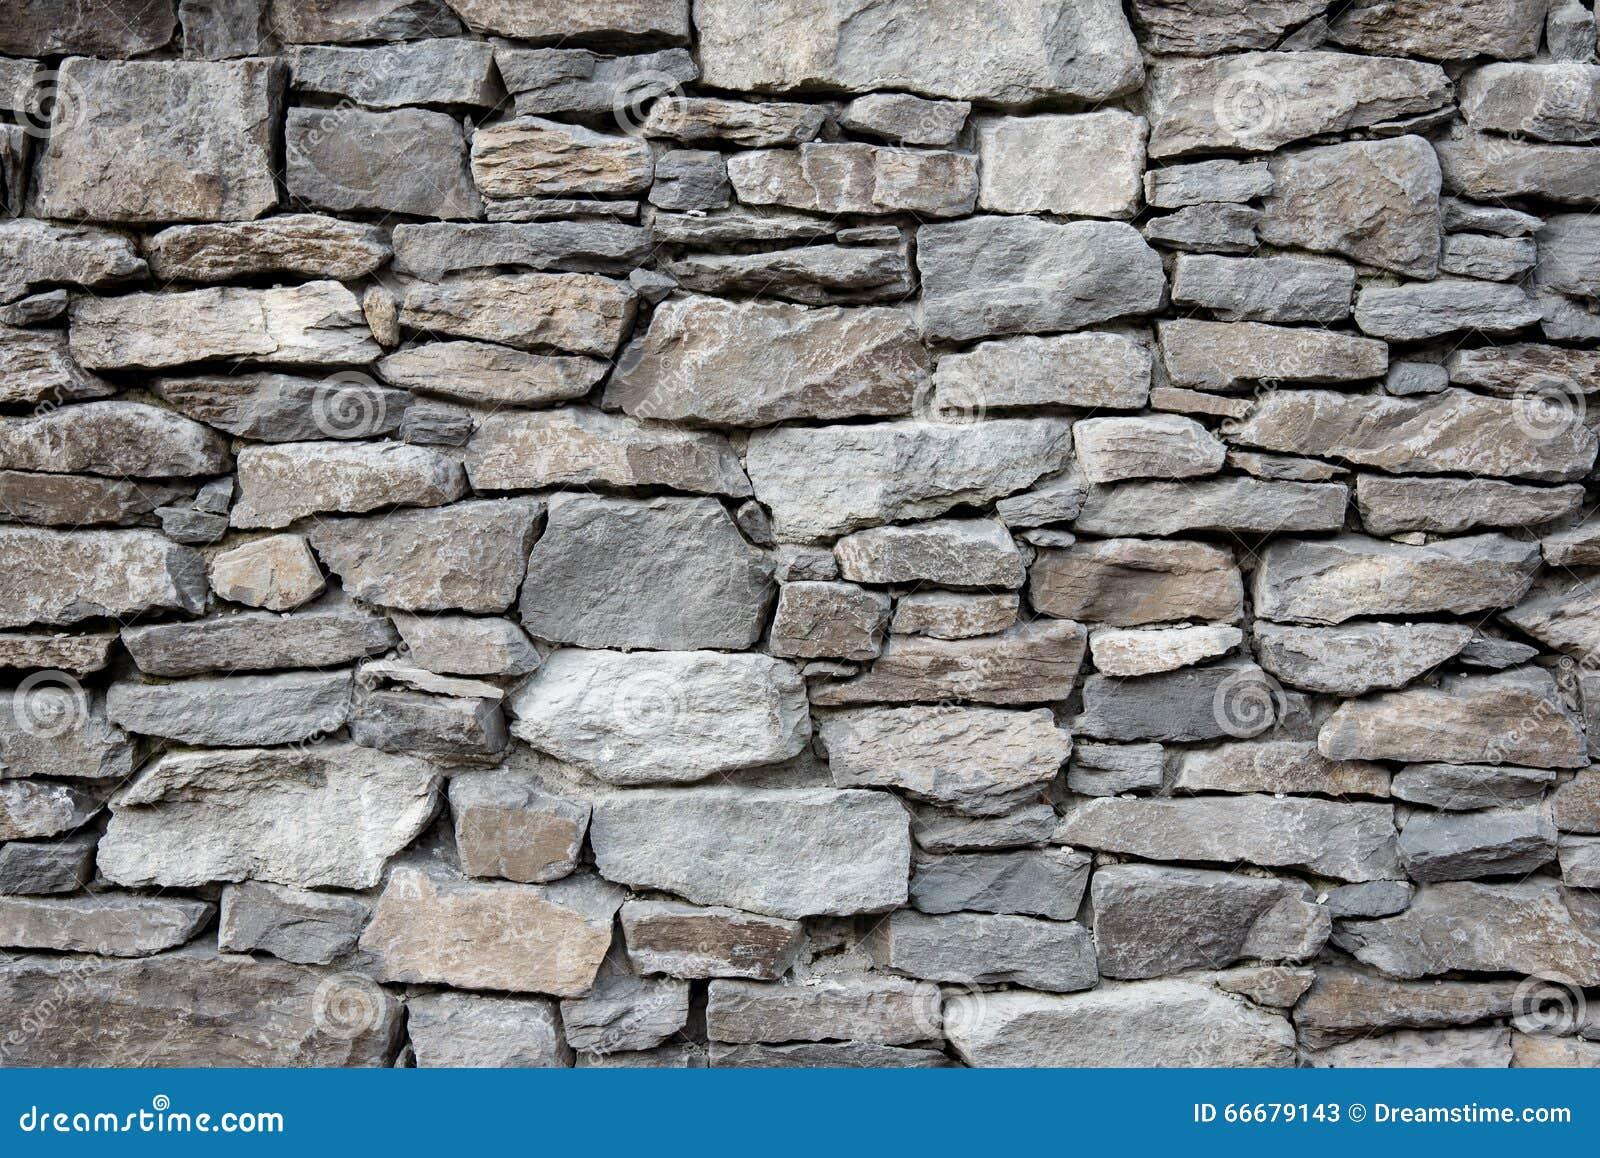 Pared de piedra moderna de la roca de la fachada imagen de - Pared de piedra ...